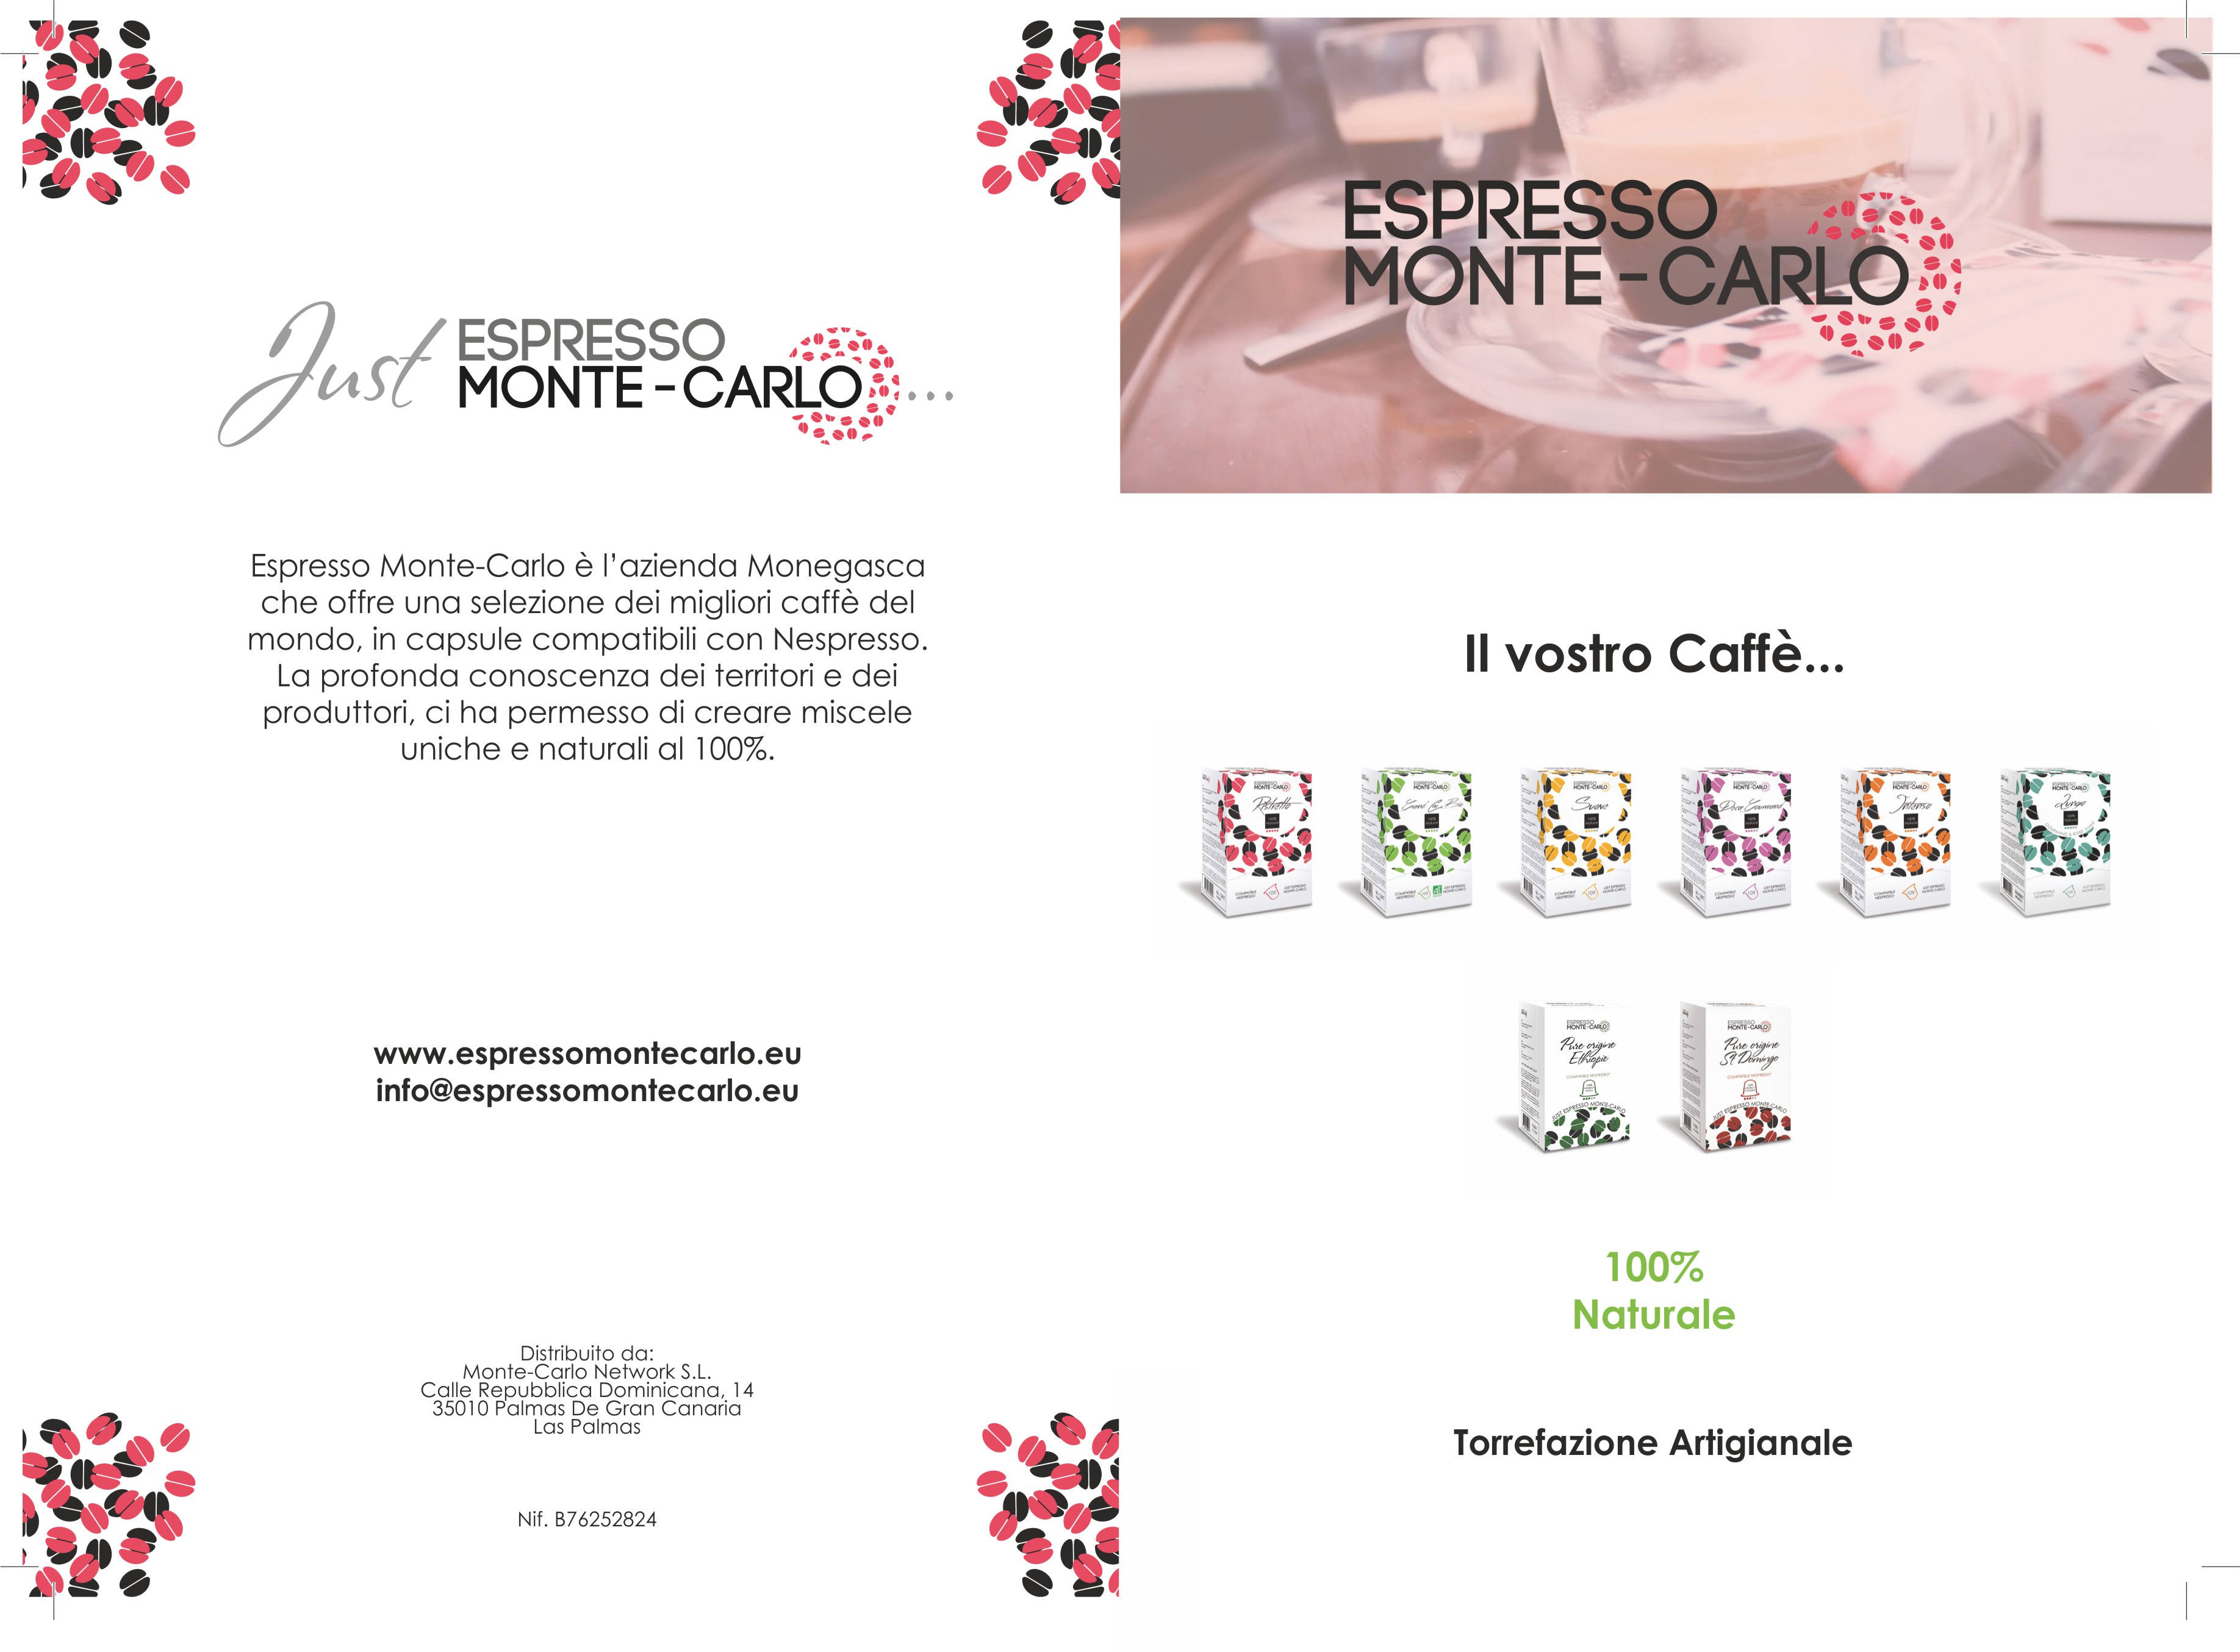 Espresso Monte-Carlo Copertina